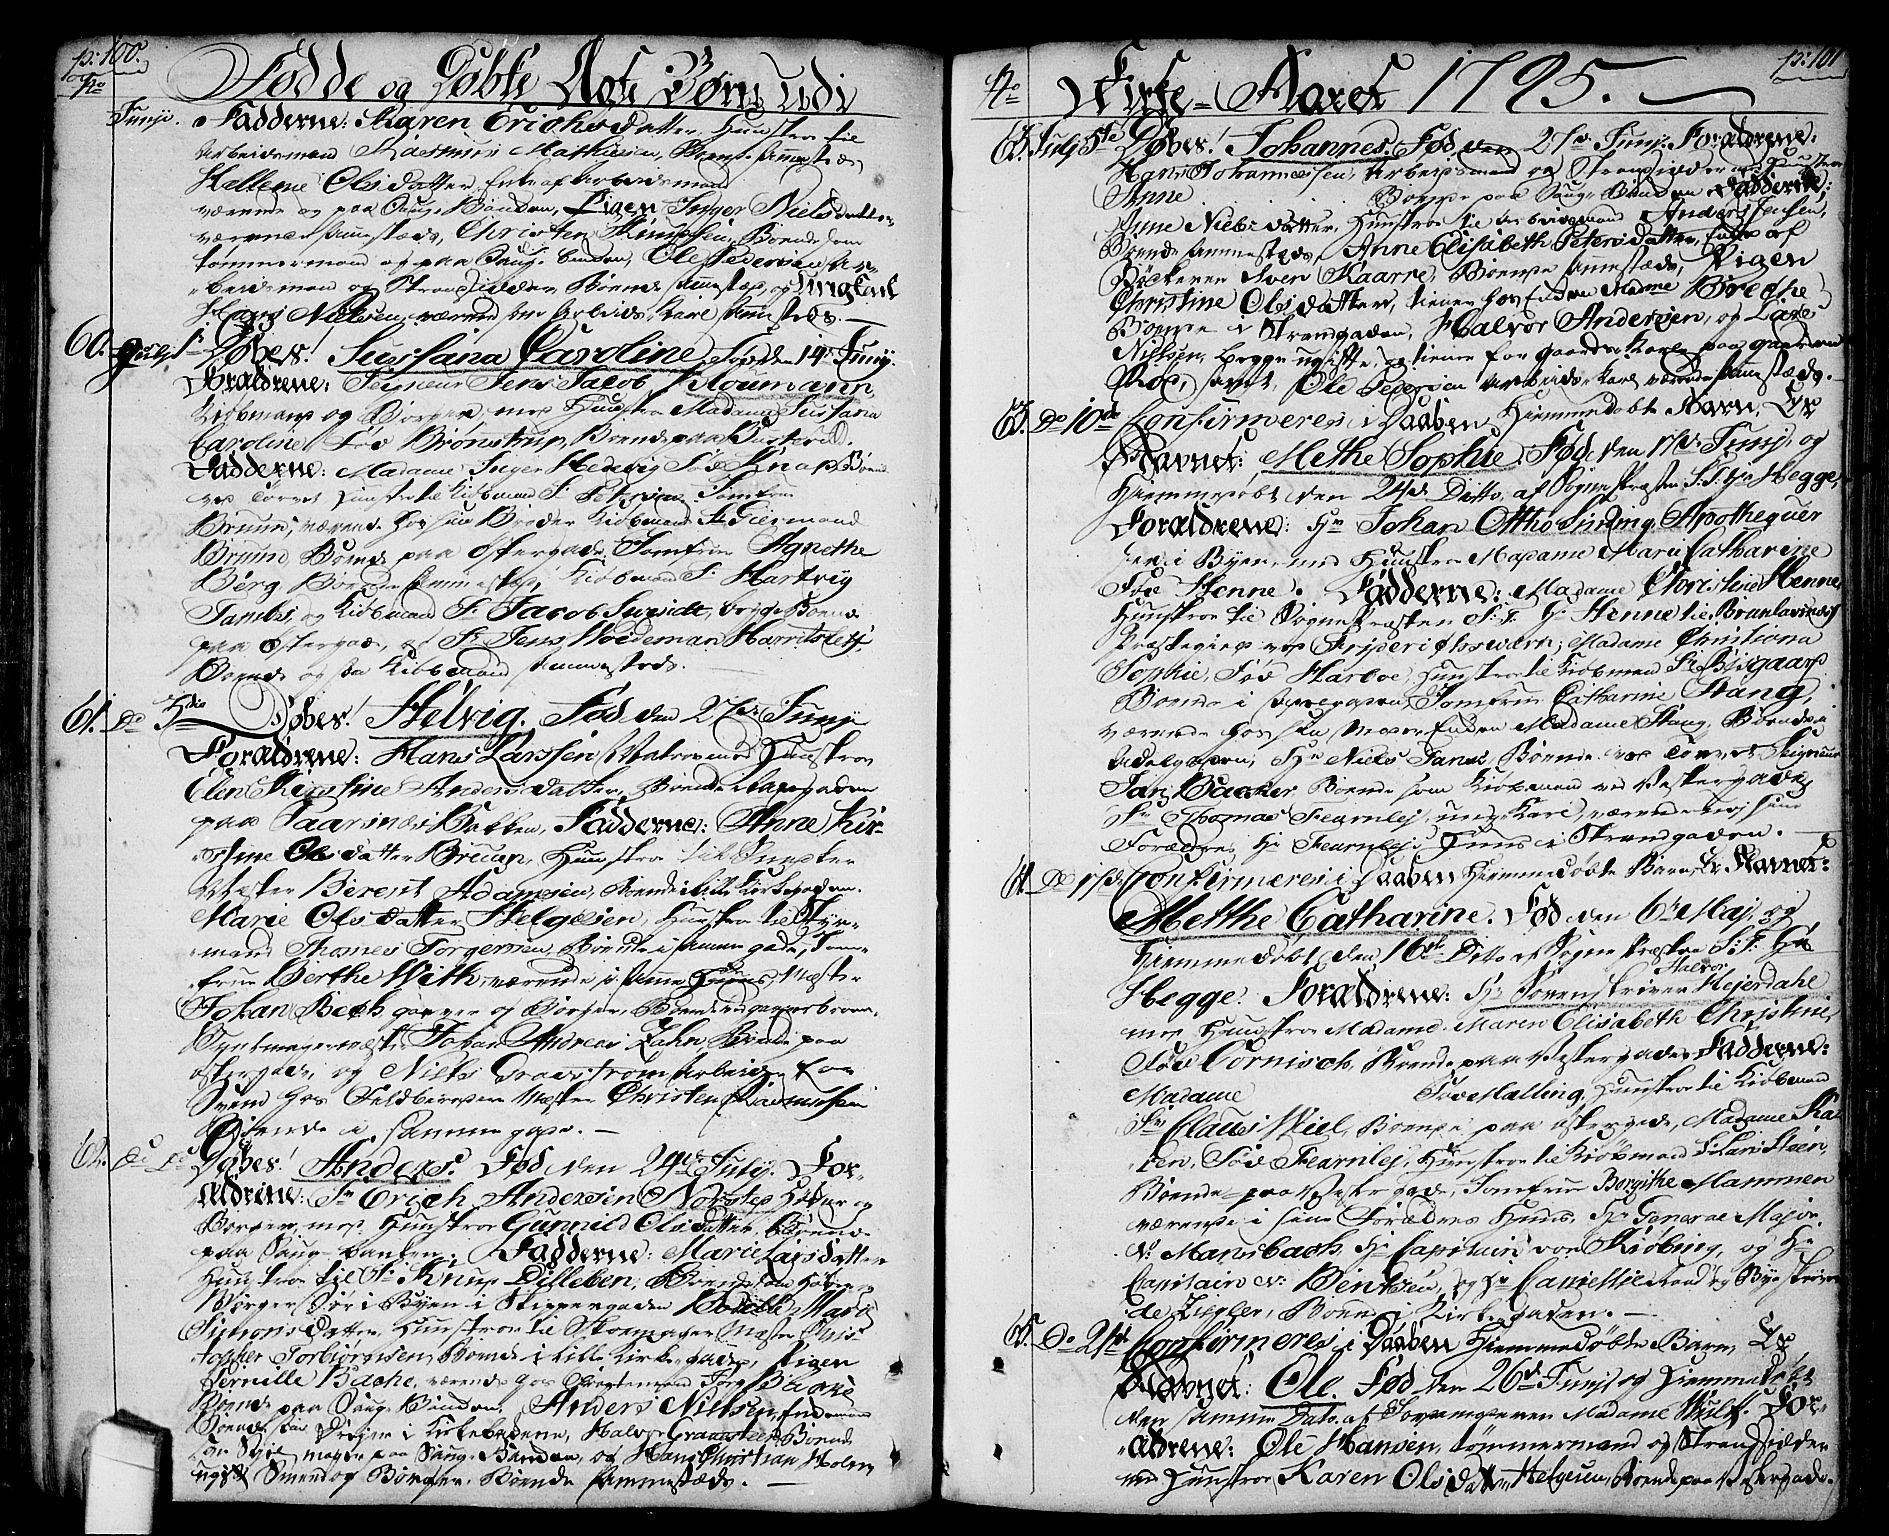 SAO, Halden prestekontor Kirkebøker, F/Fa/L0002: Ministerialbok nr. I 2, 1792-1812, s. 100-101